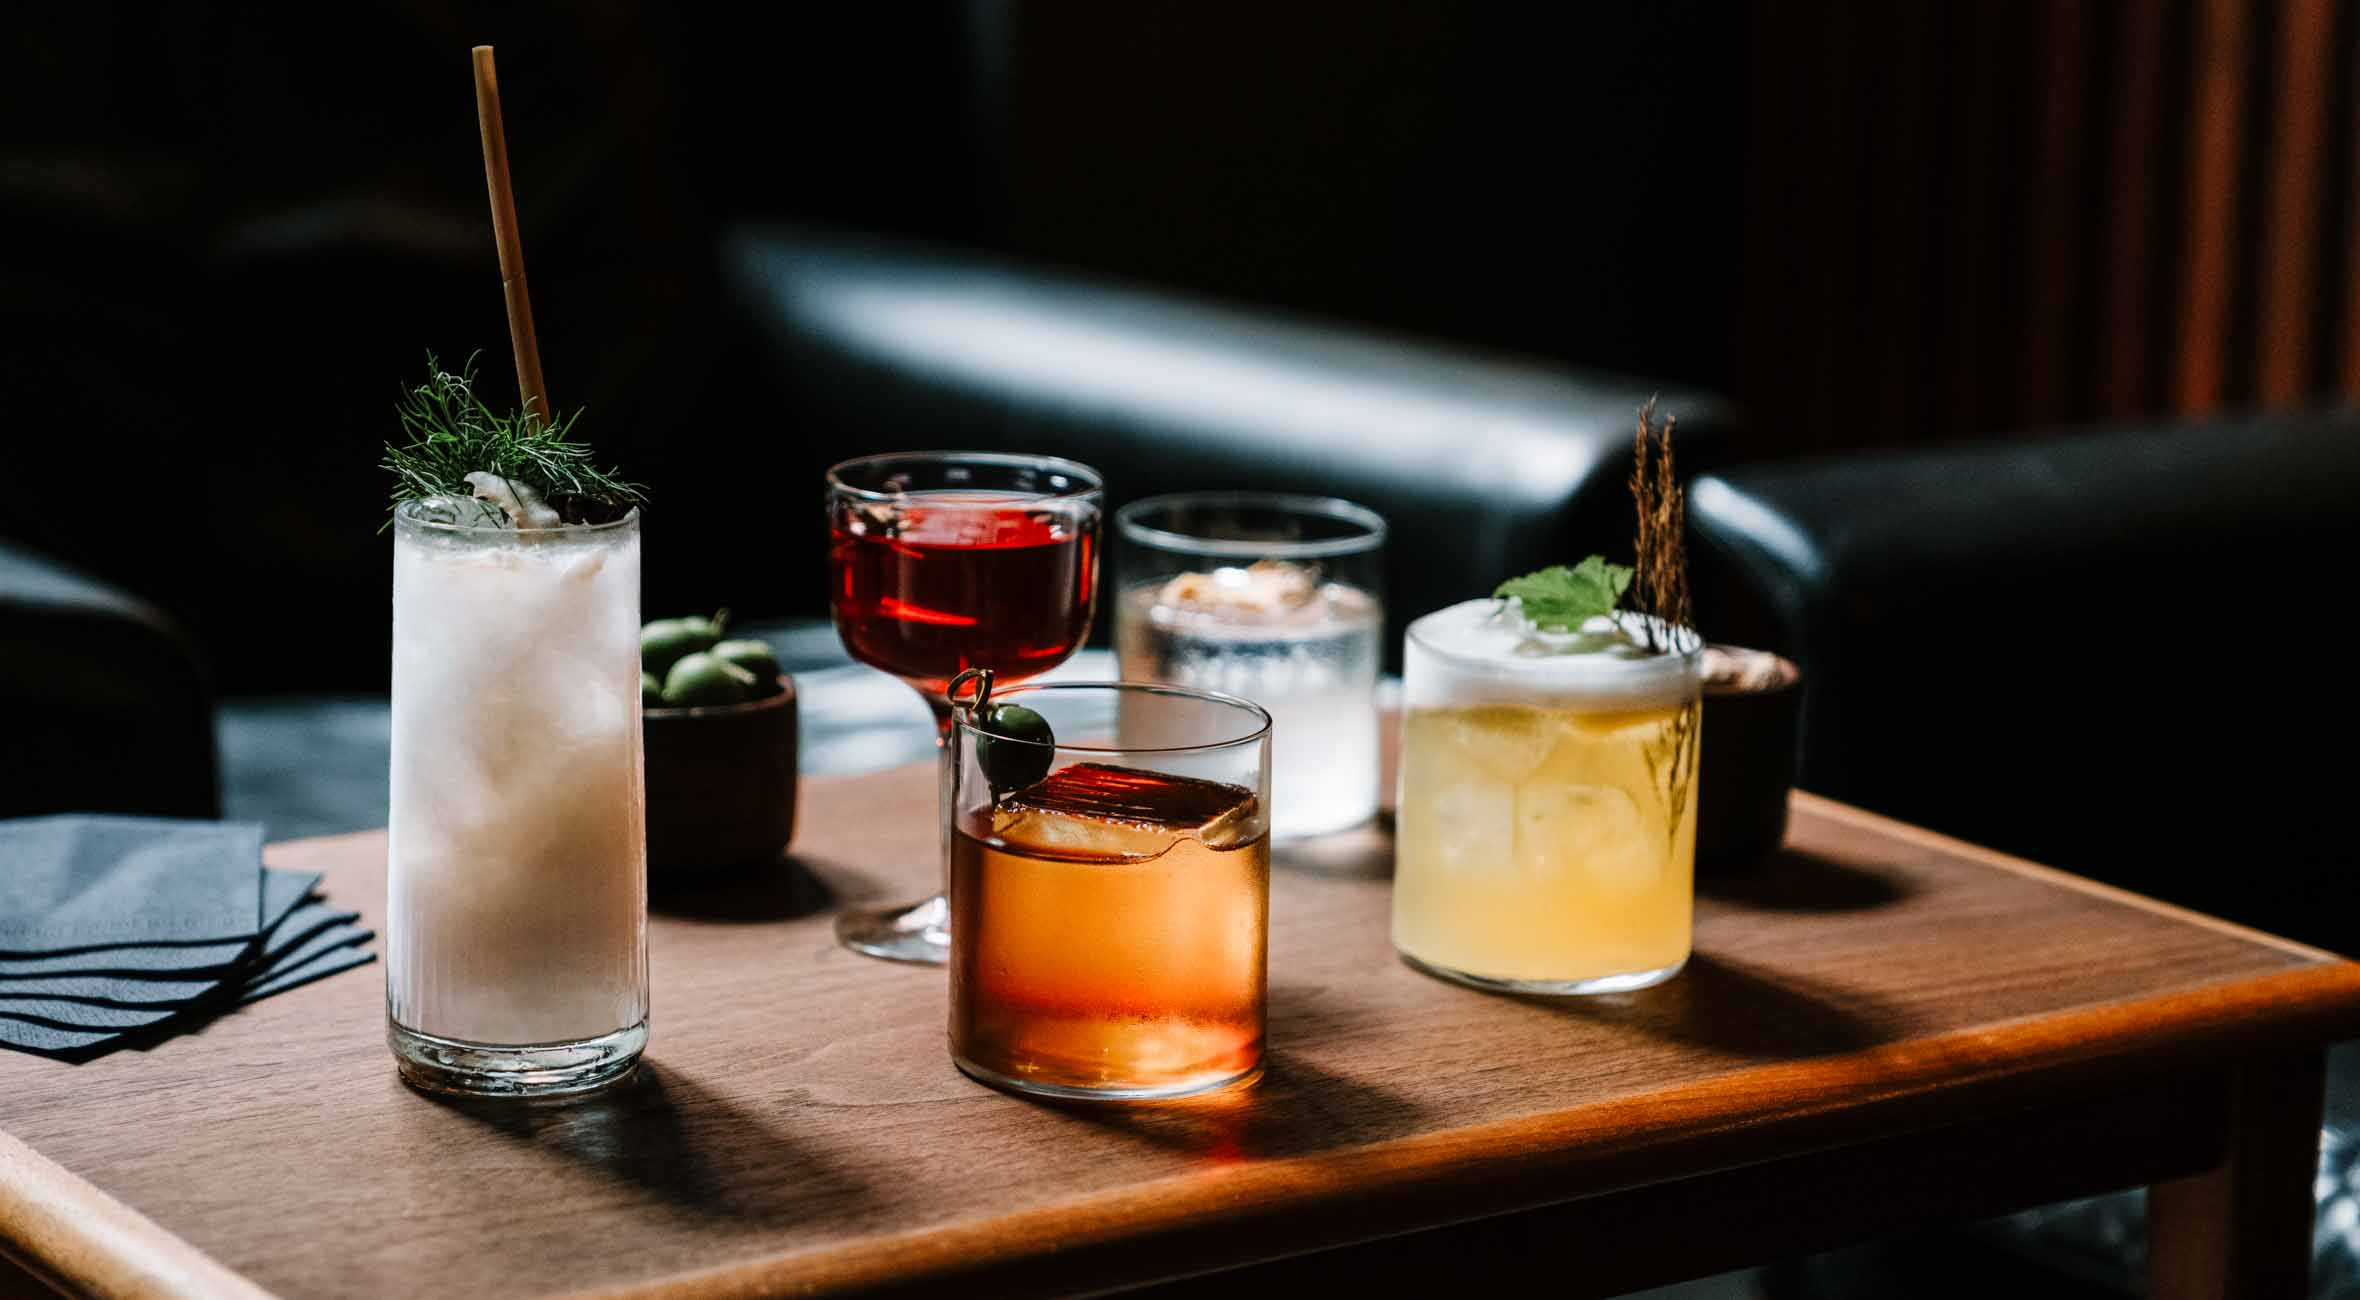 Frit valg til alt hos Duck and Cover på Vesterbro – Invitér venner & familie på cocktails i verdensklasse